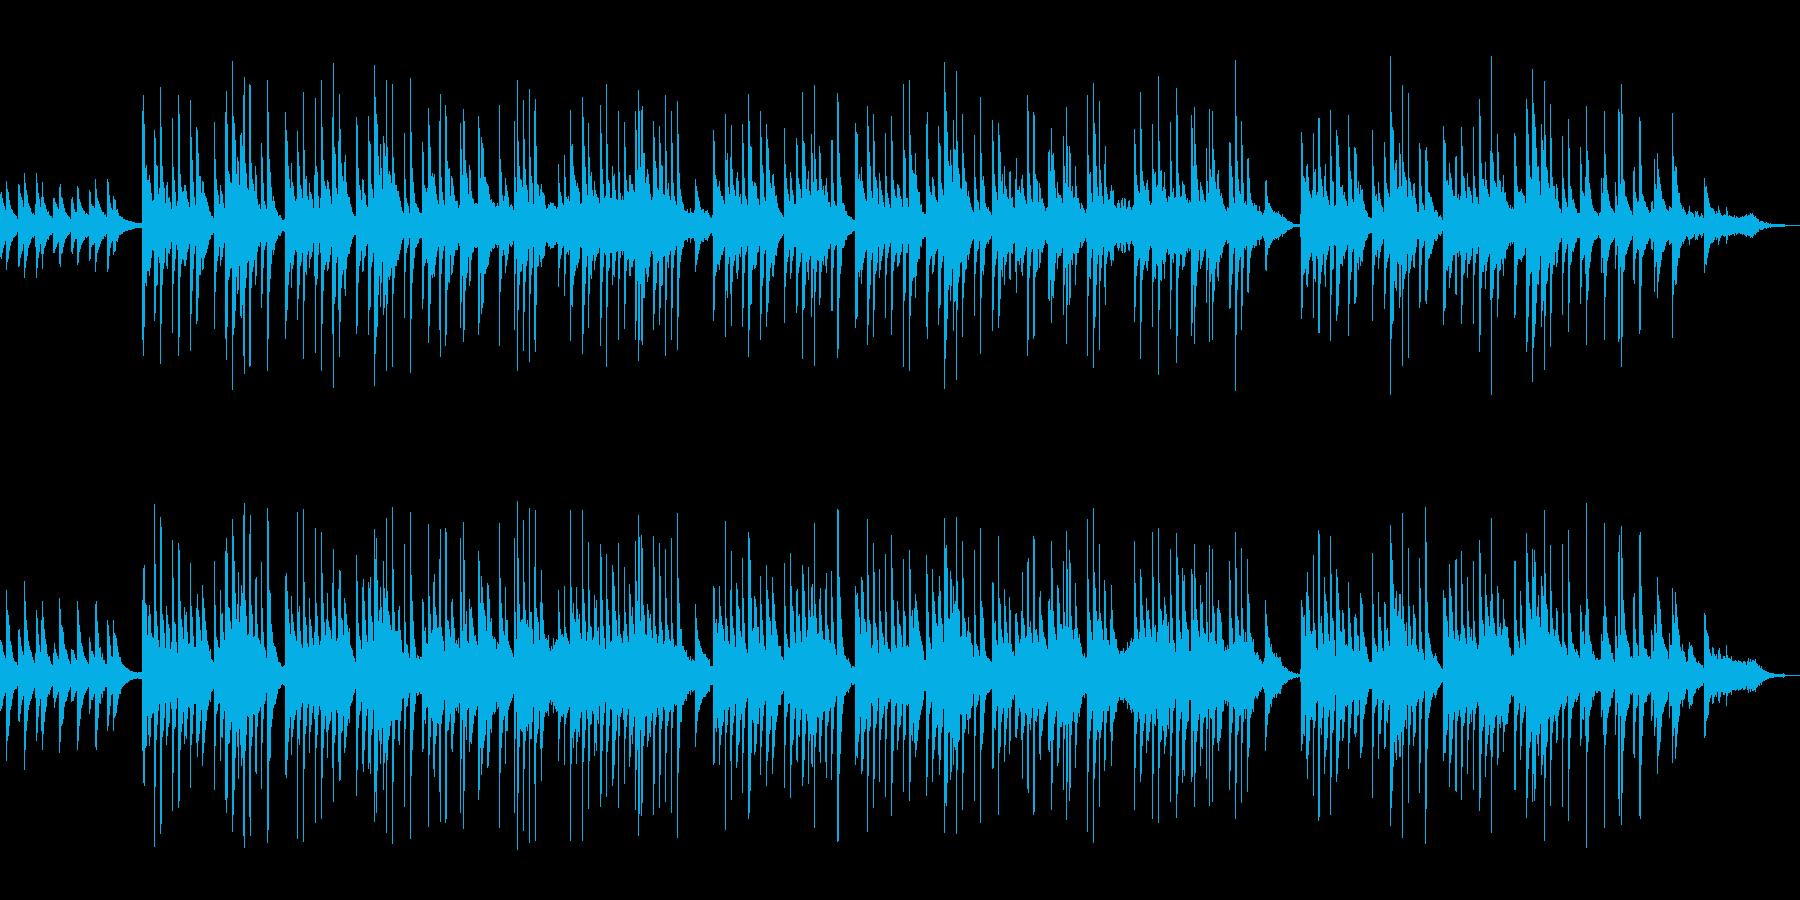 琴とピアノのワルツ曲の再生済みの波形